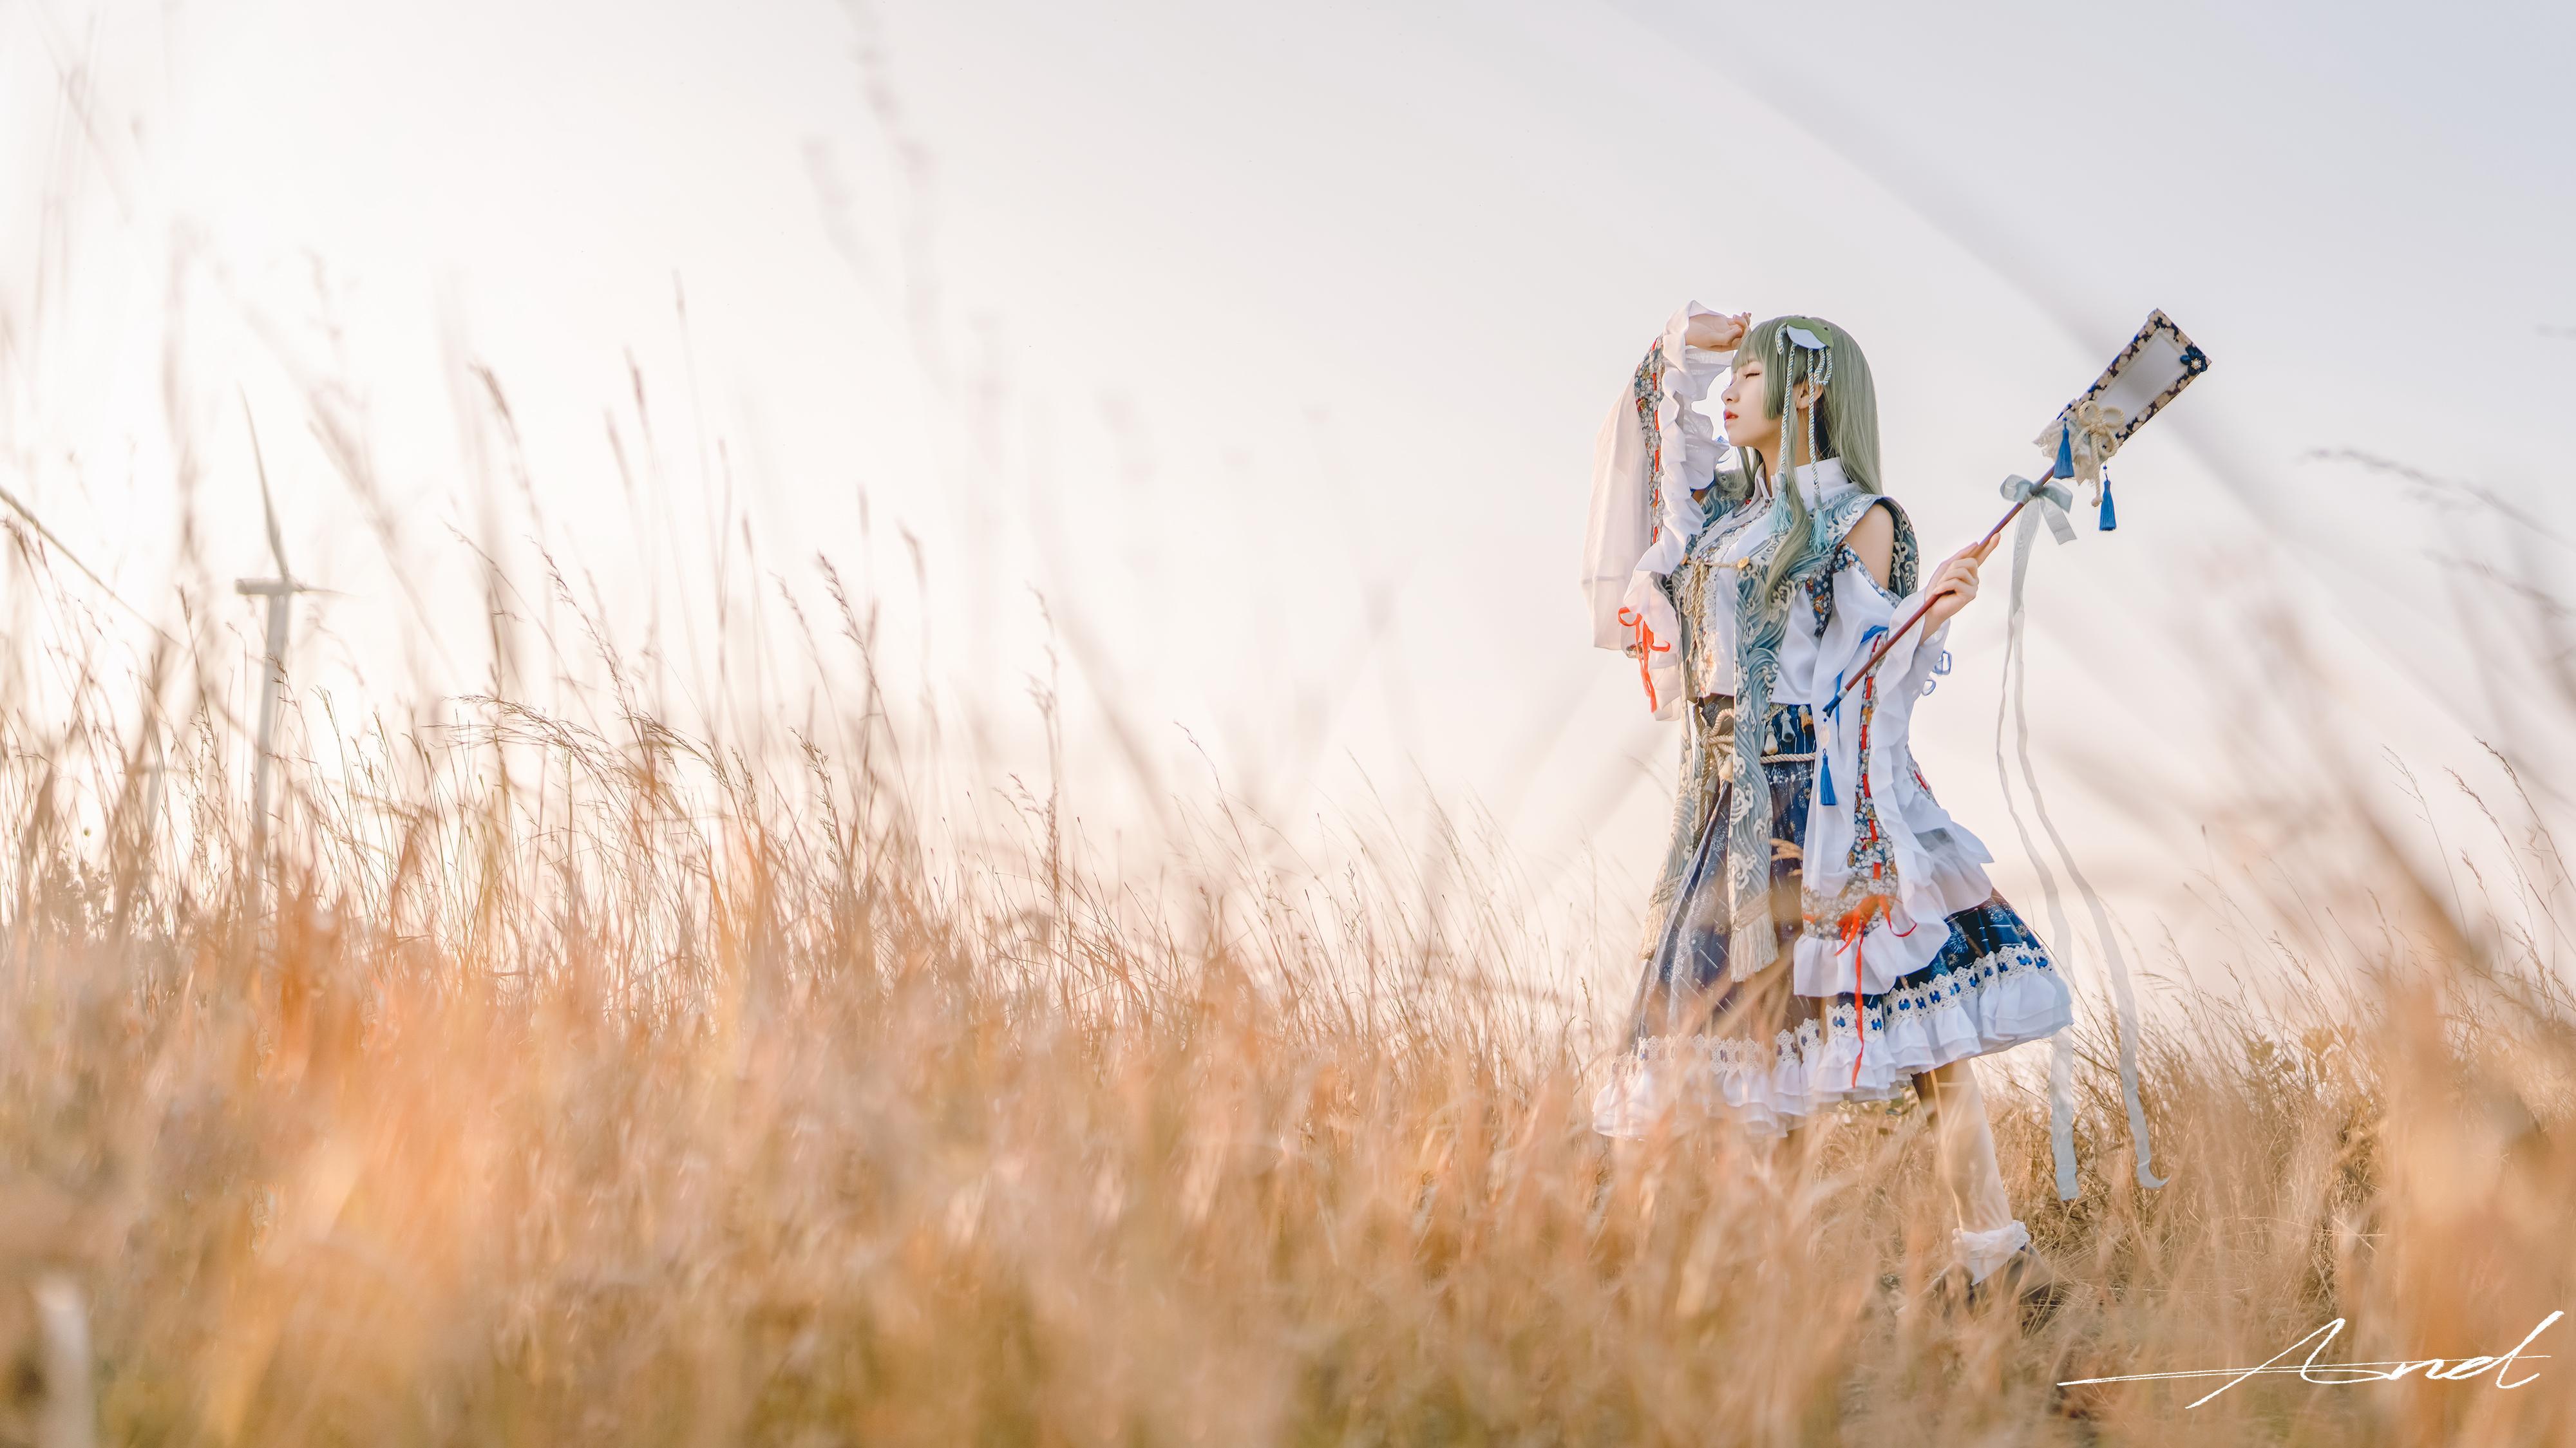 《东方PROJECT》正片cosplay【CN:幼i熙】-第3张